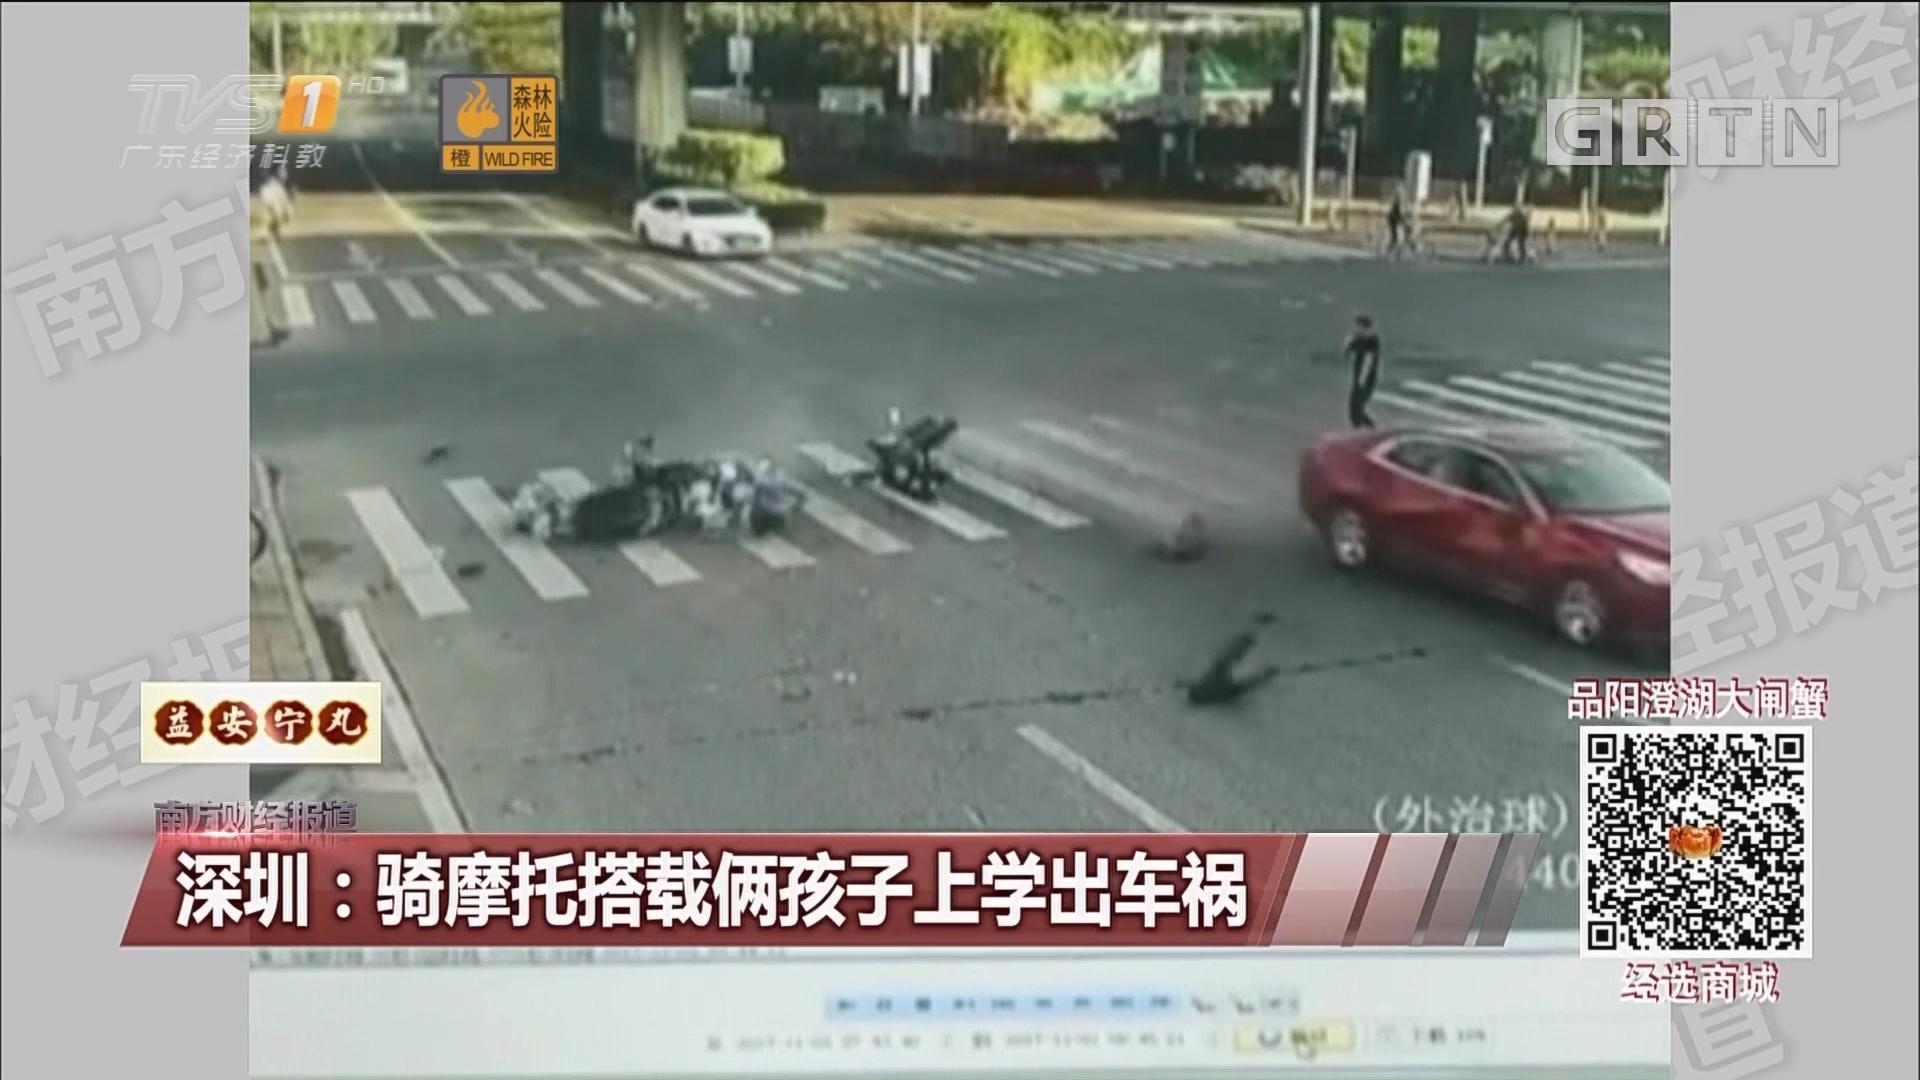 深圳:骑摩托搭载俩孩子上学出车祸